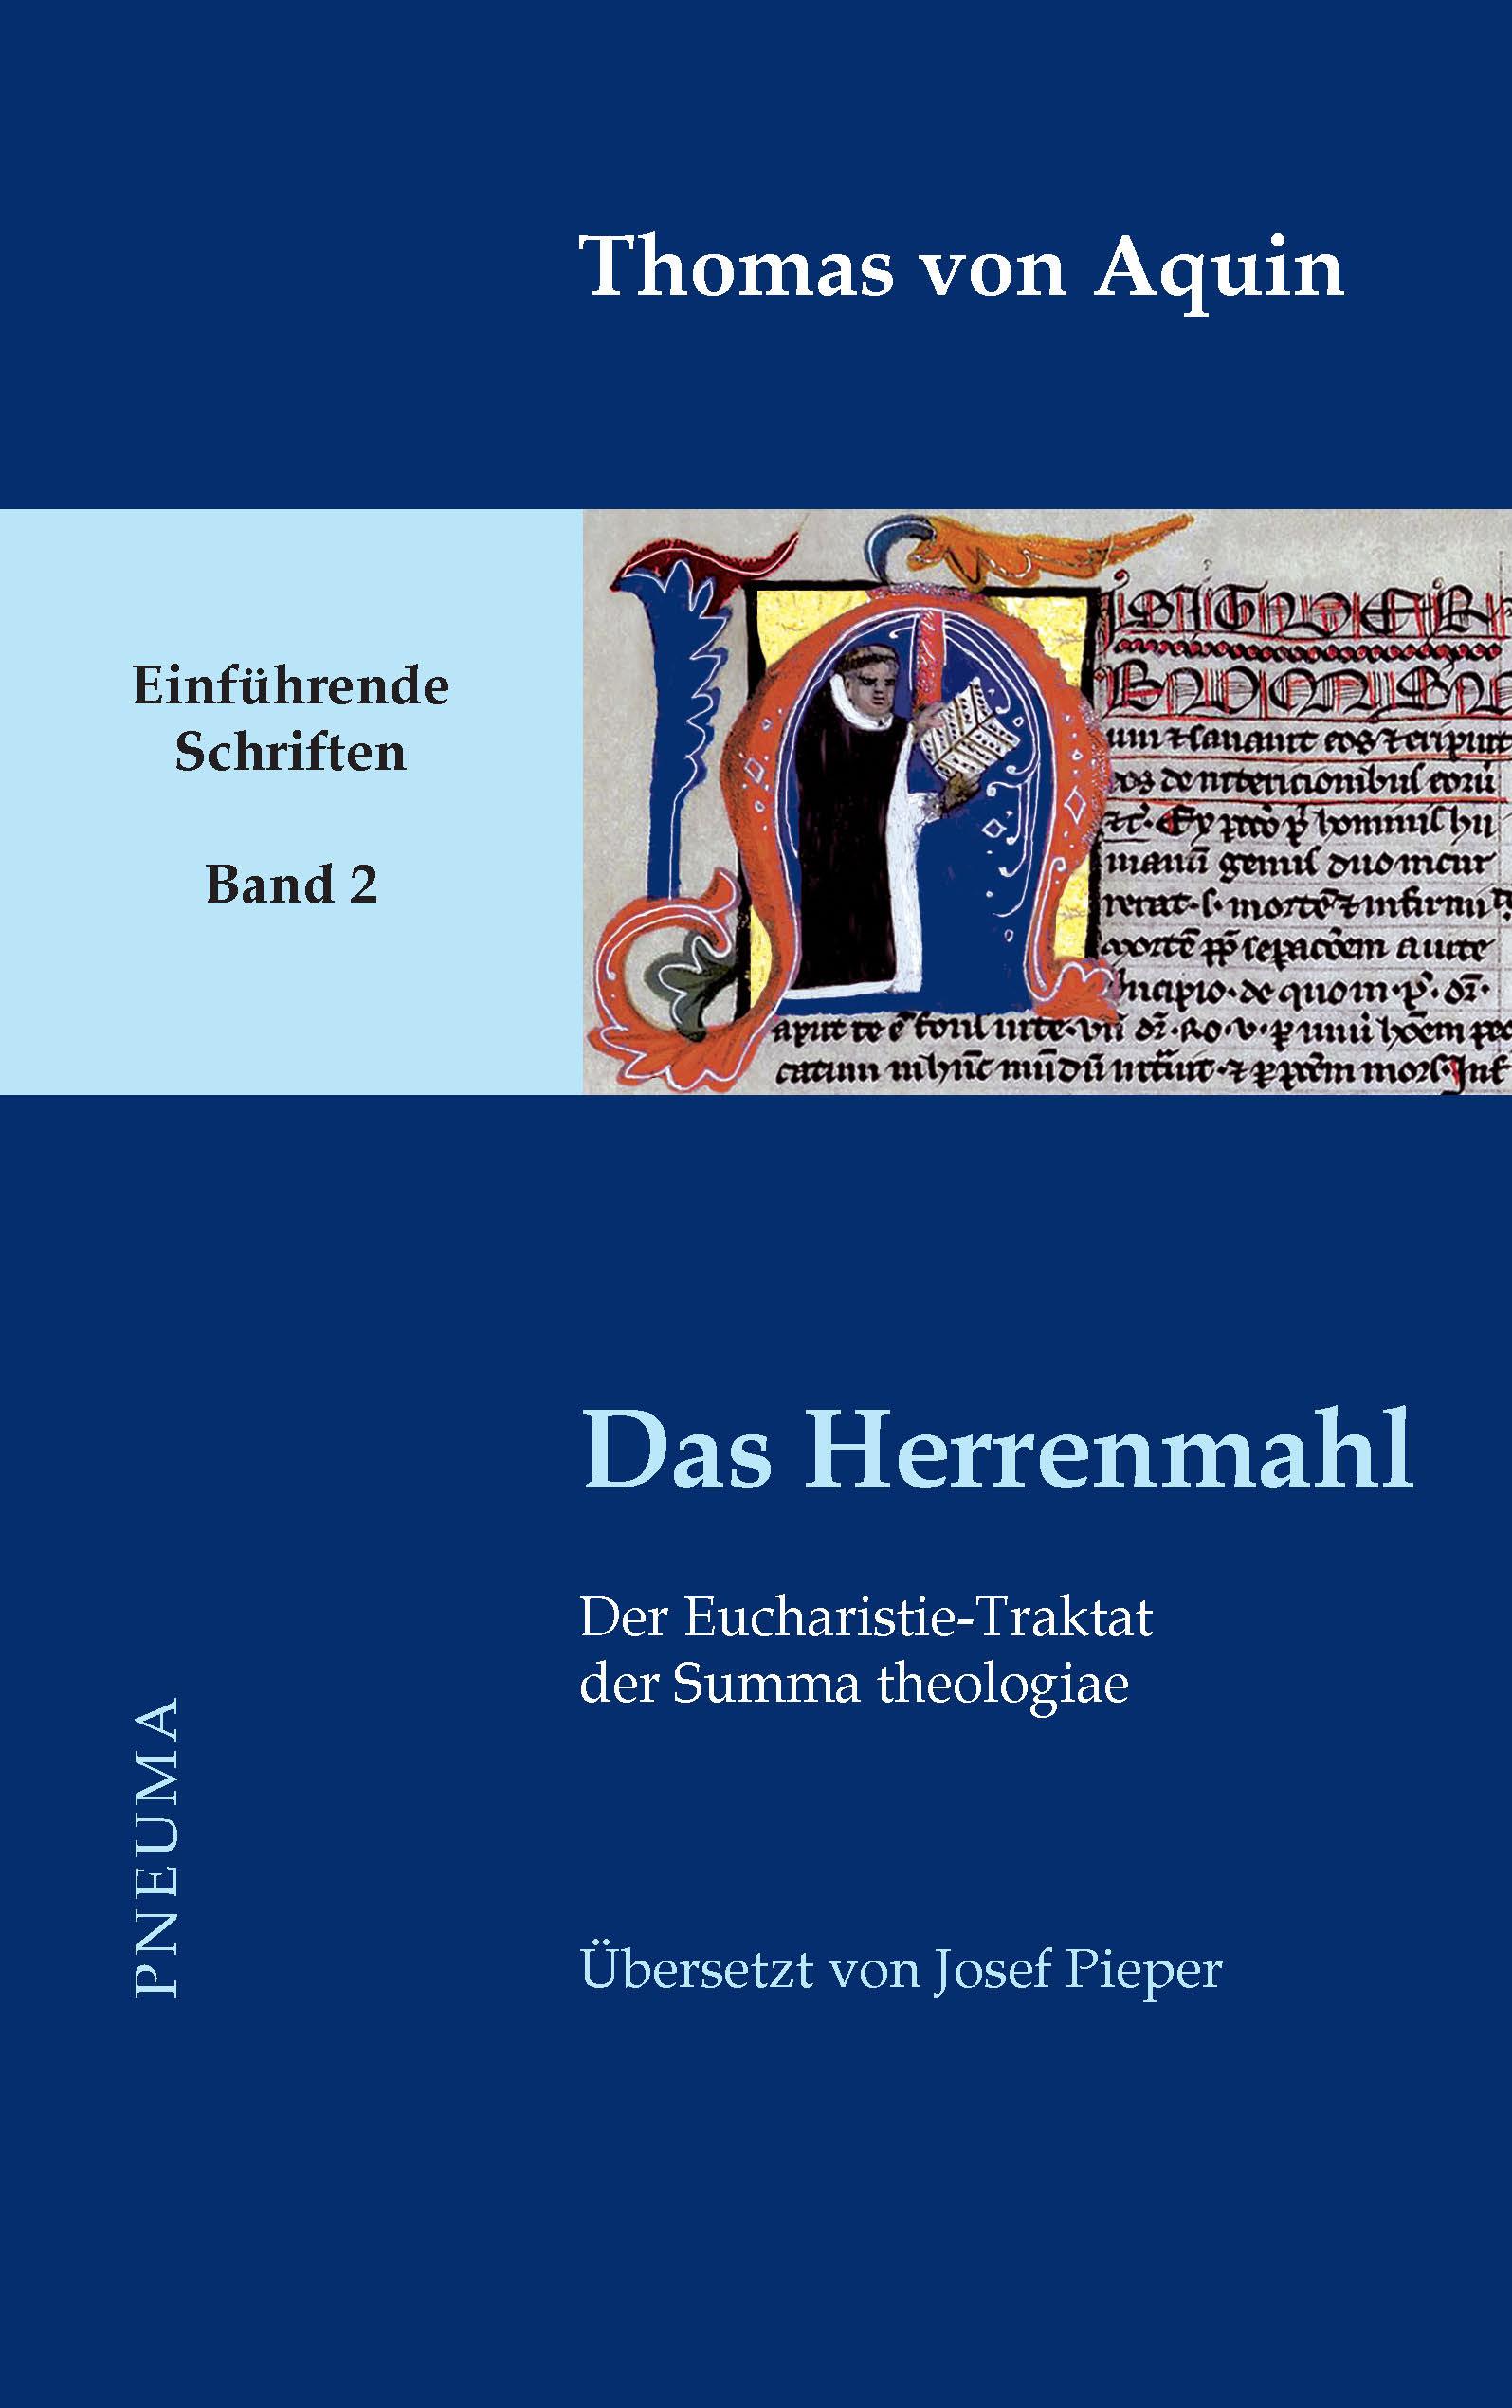 Das Herrenmahl (Eucharistie)